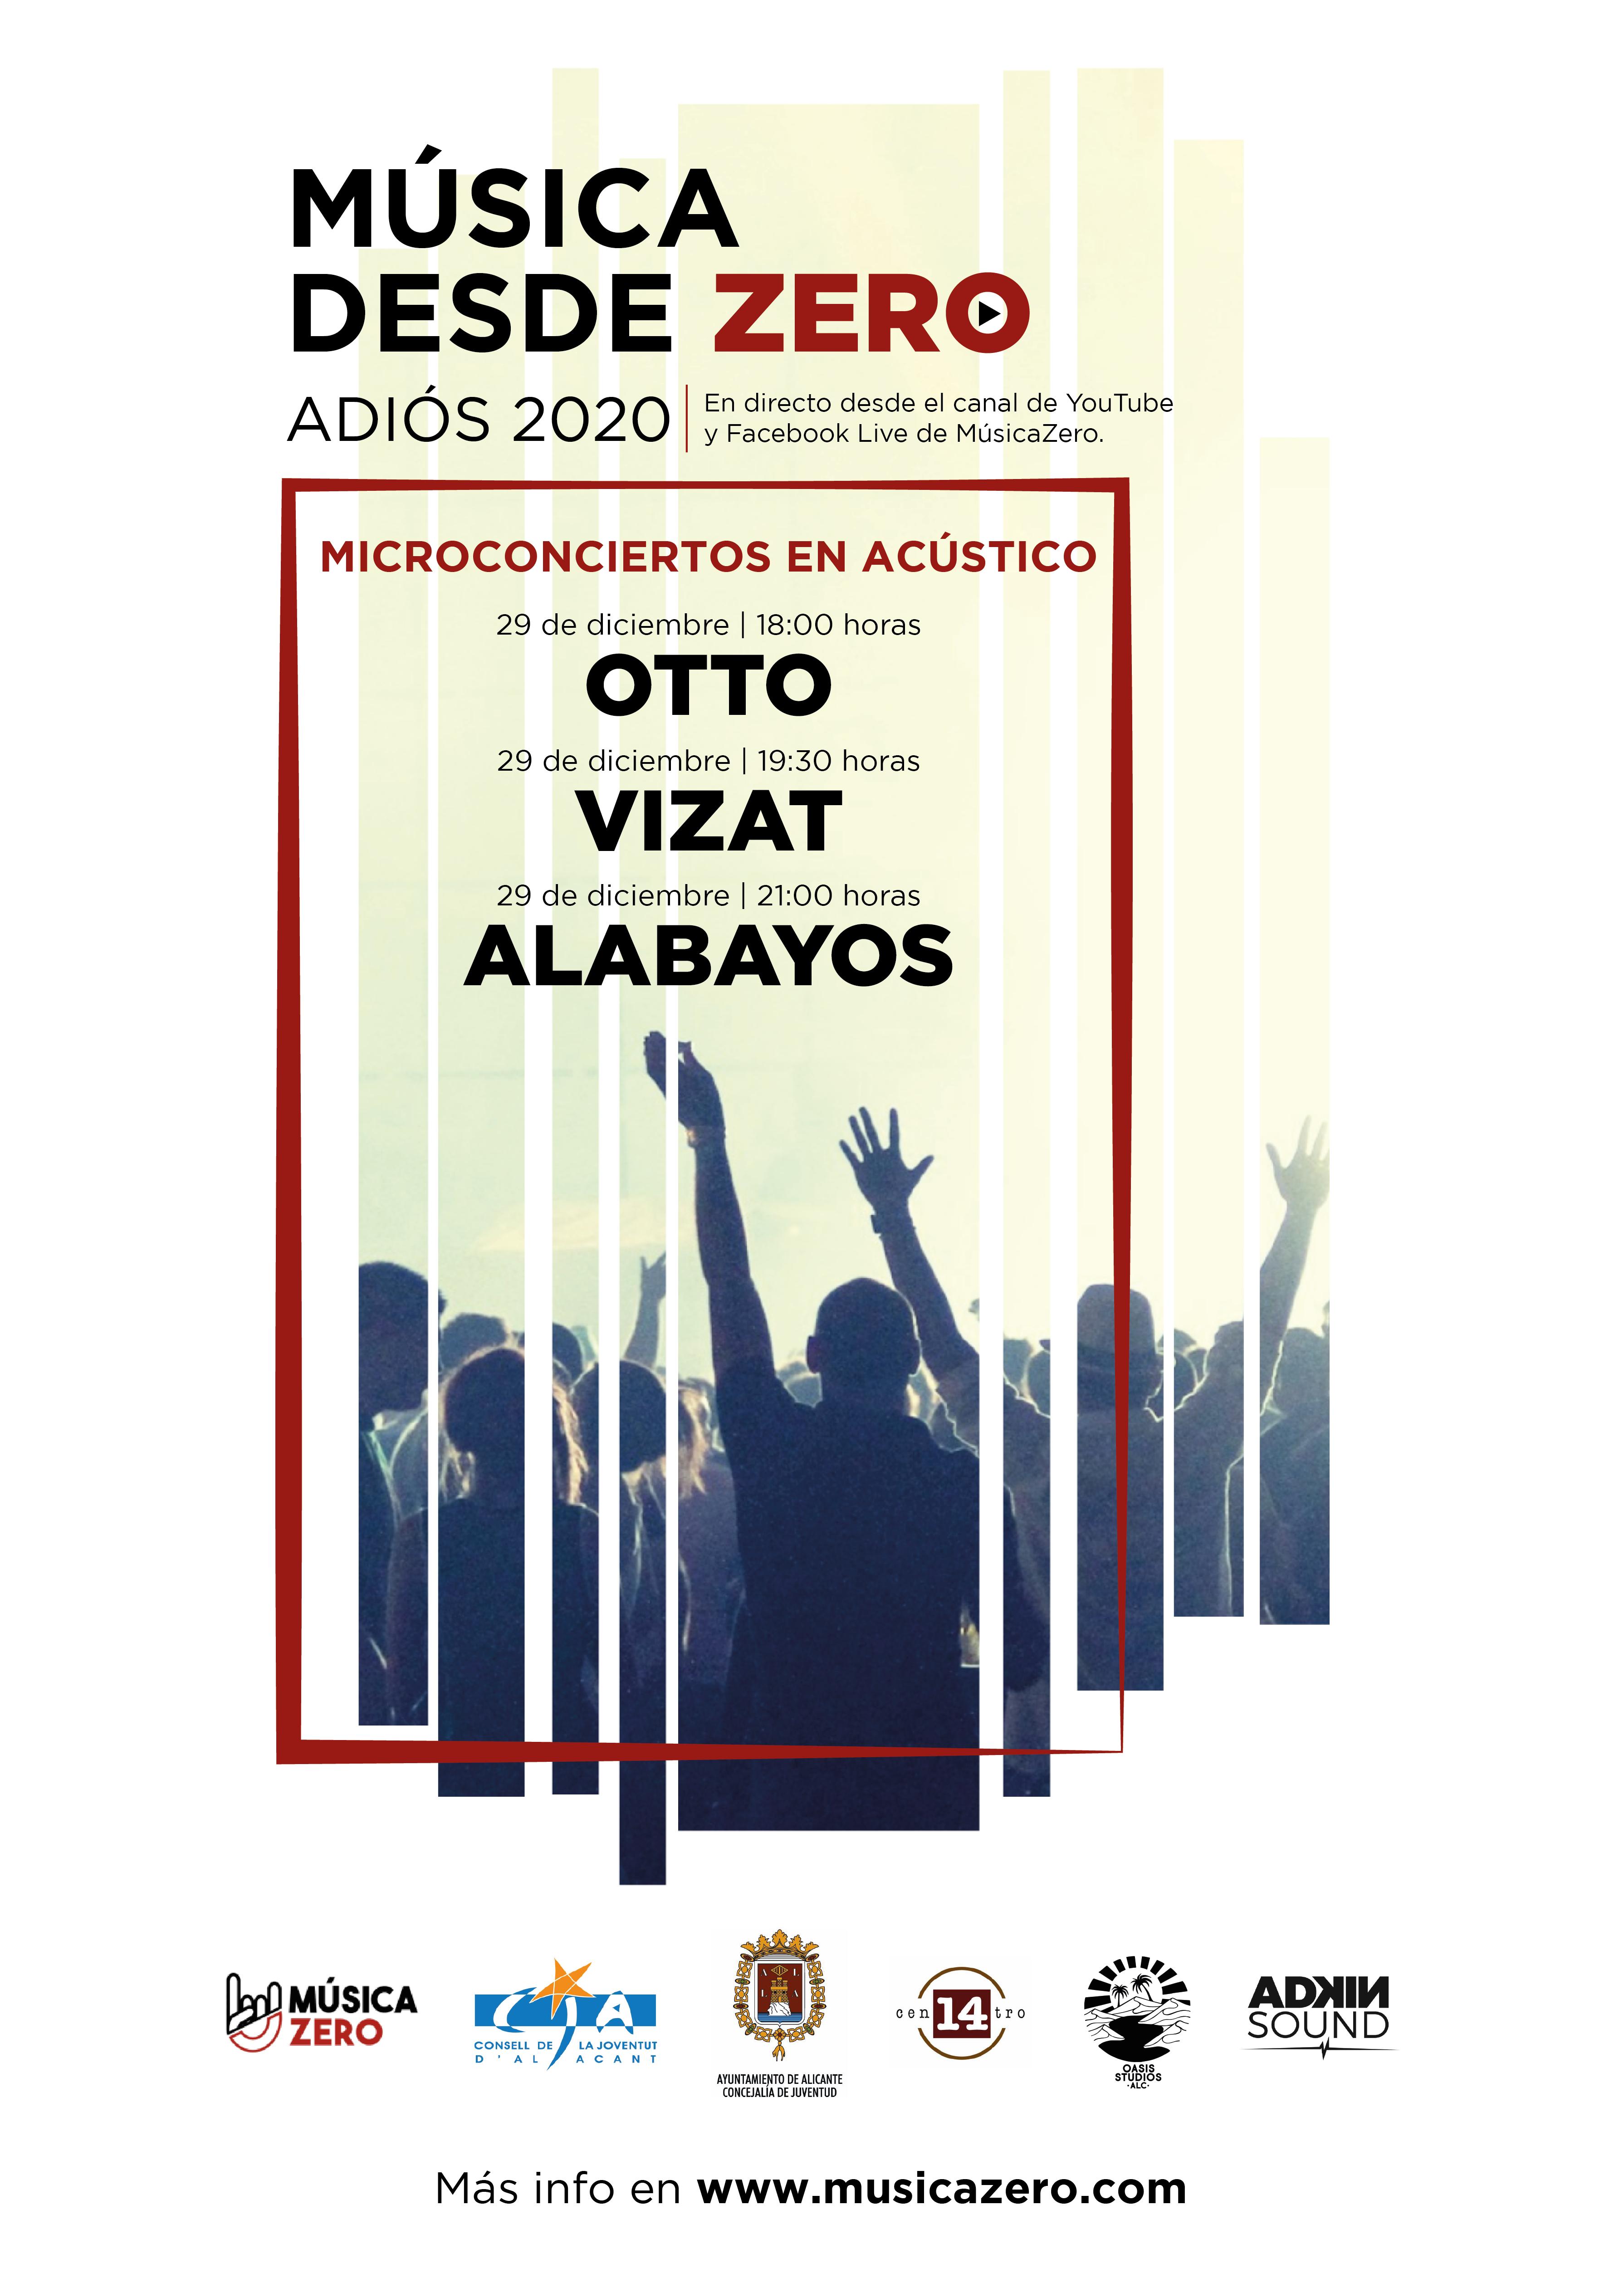 Conciertos Música desde Zero #Adiós2020